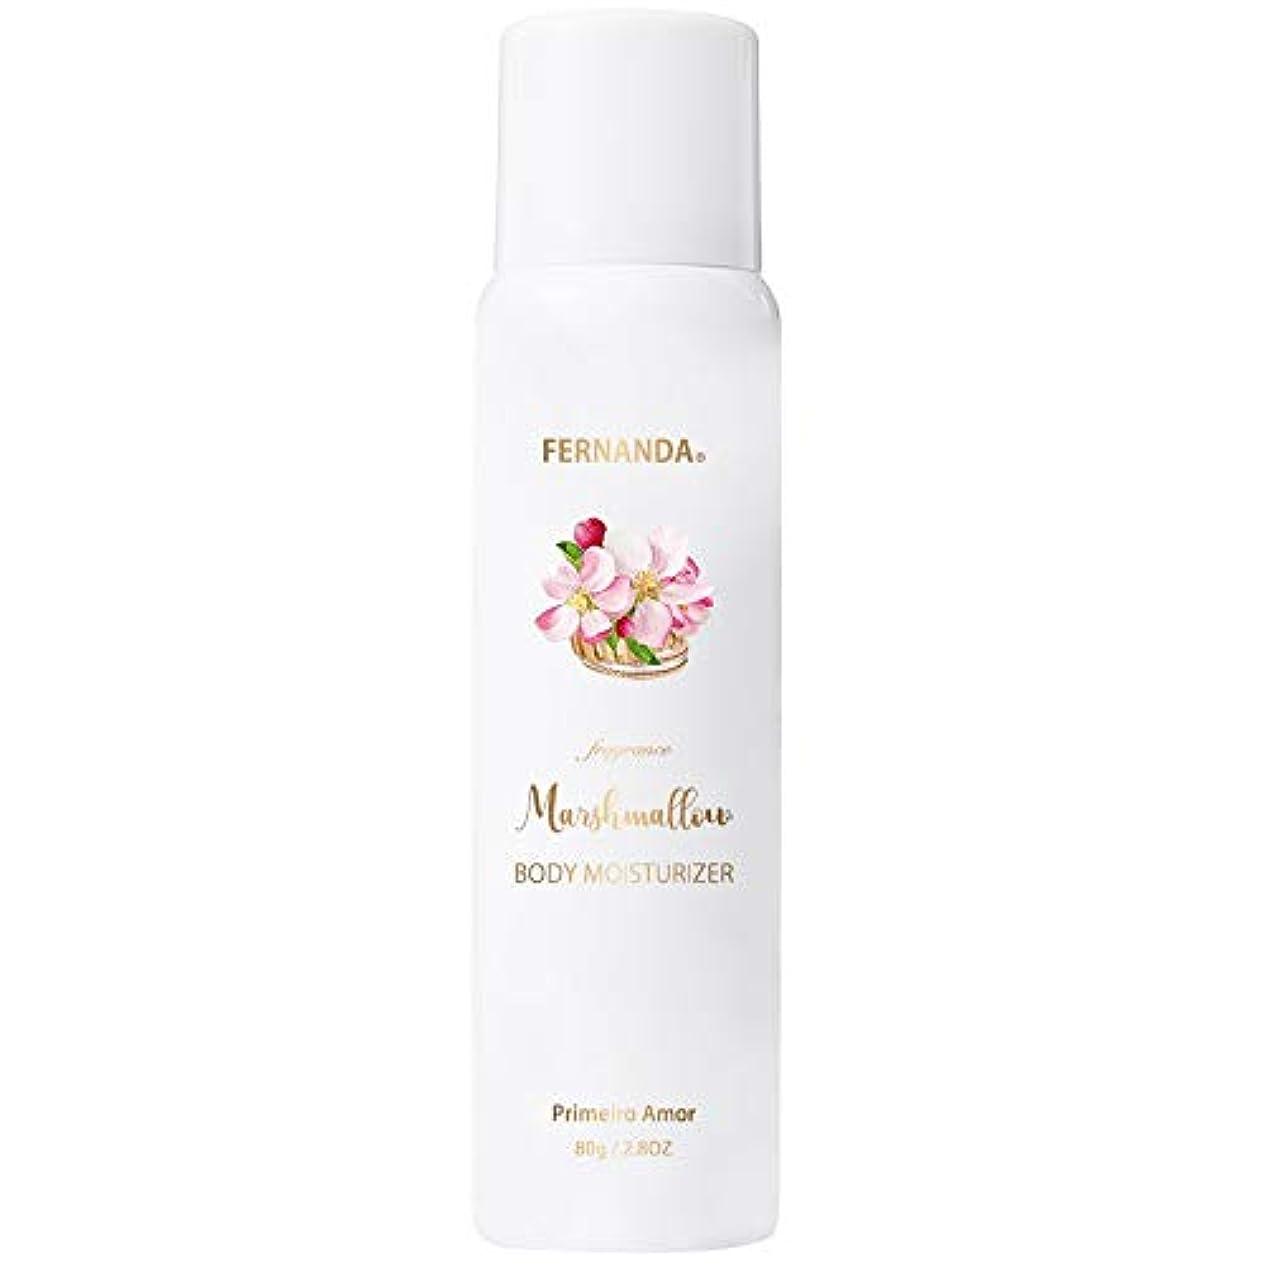 彼らの無許可繊毛FERNANDA(フェルナンダ) Marshmallow Body Moisturizer Primeiro Amor (マシュマロ ボディ モイスチャライザー プリメイロアモール)